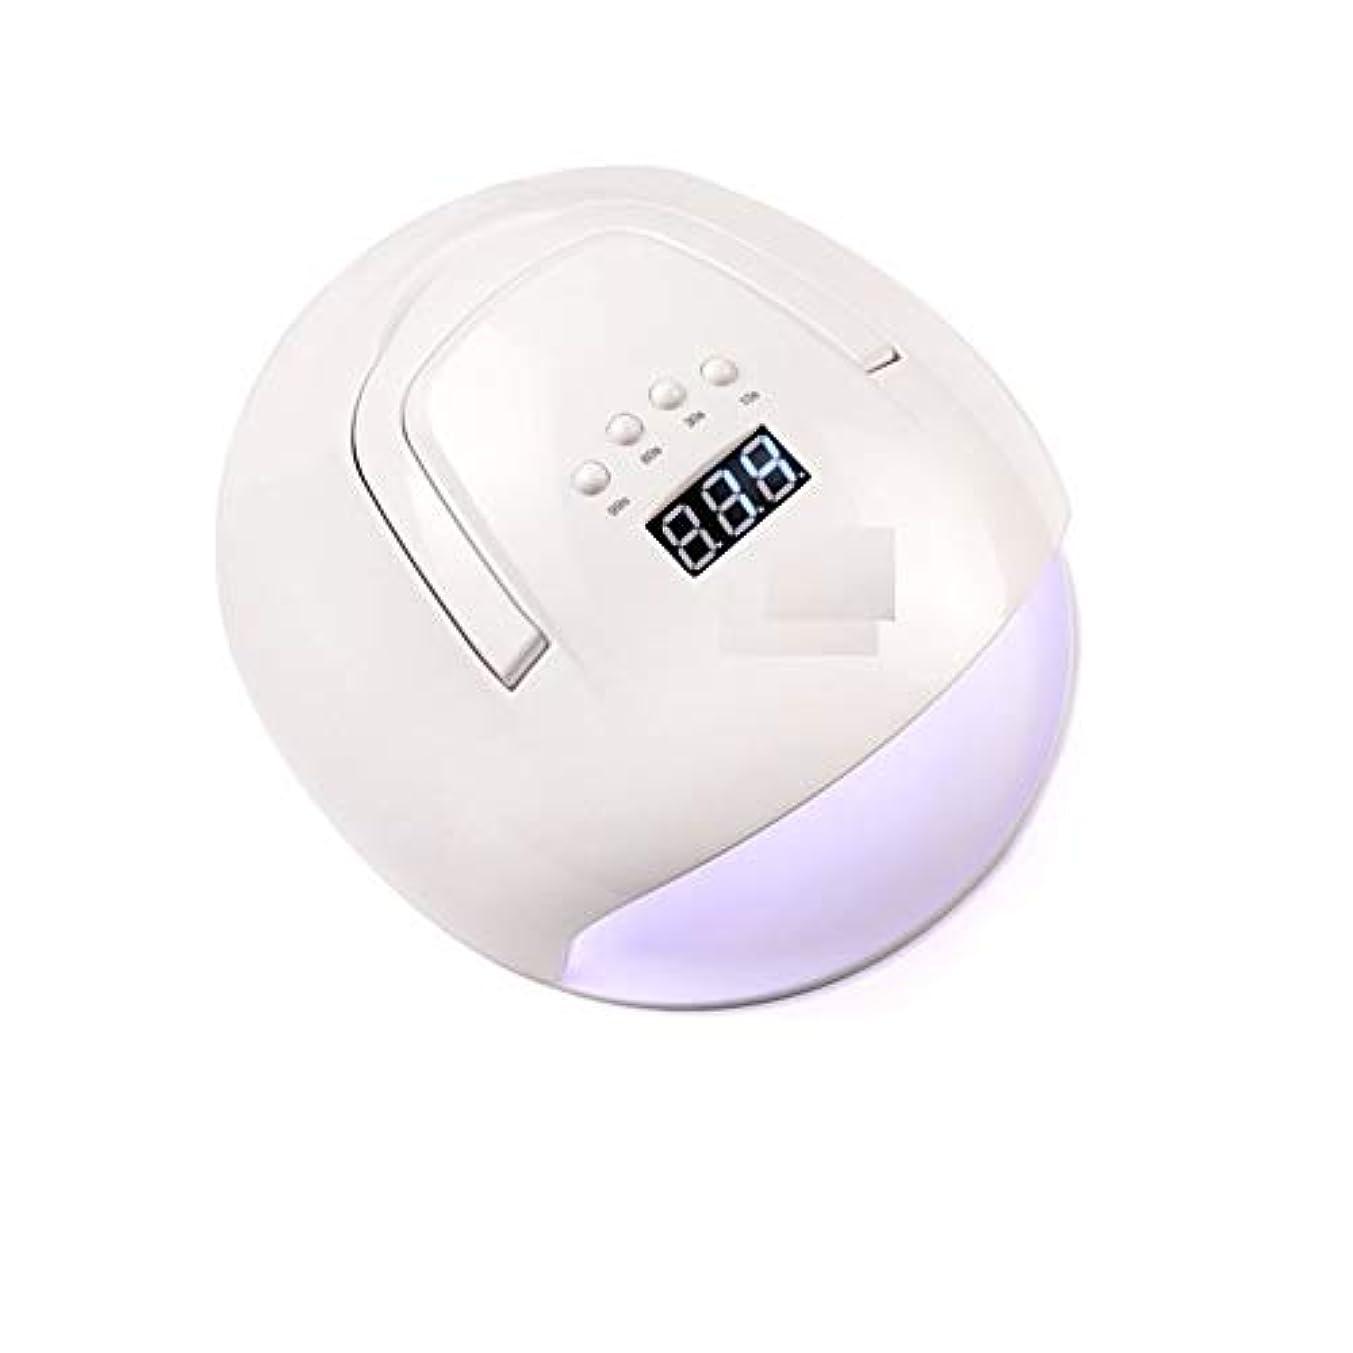 橋脚取る私たちのものLittleCat 機械光線療法ポータブルLEDランプ108W赤外線センサーポーランドプラスチック熱ランプドライヤーネイル (色 : European standard circular plug)